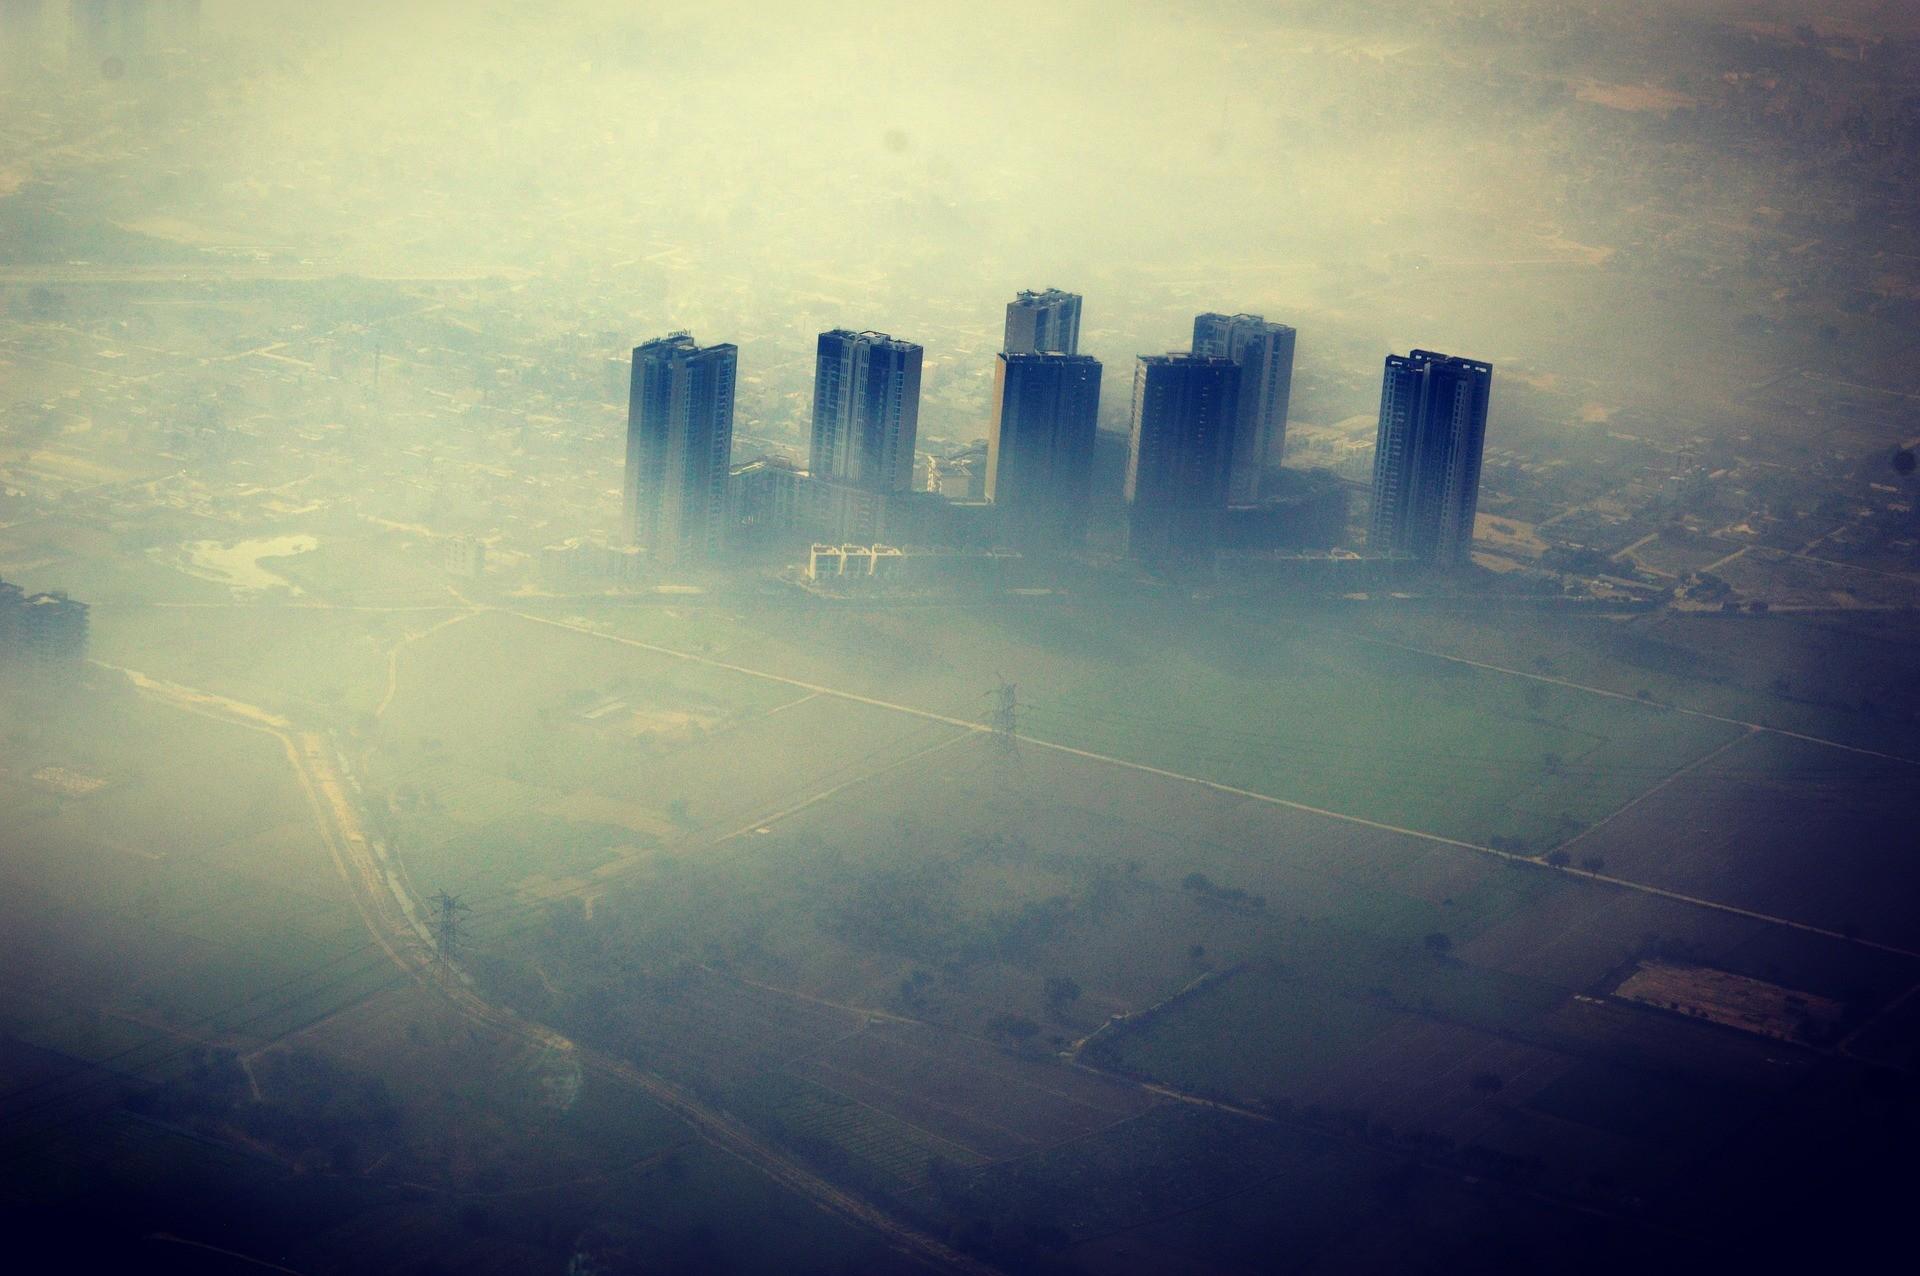 Poluição faz pessoas fugirem de Nova Deli, capital da Índia.  (Foto: Creative Commons / alvipics)